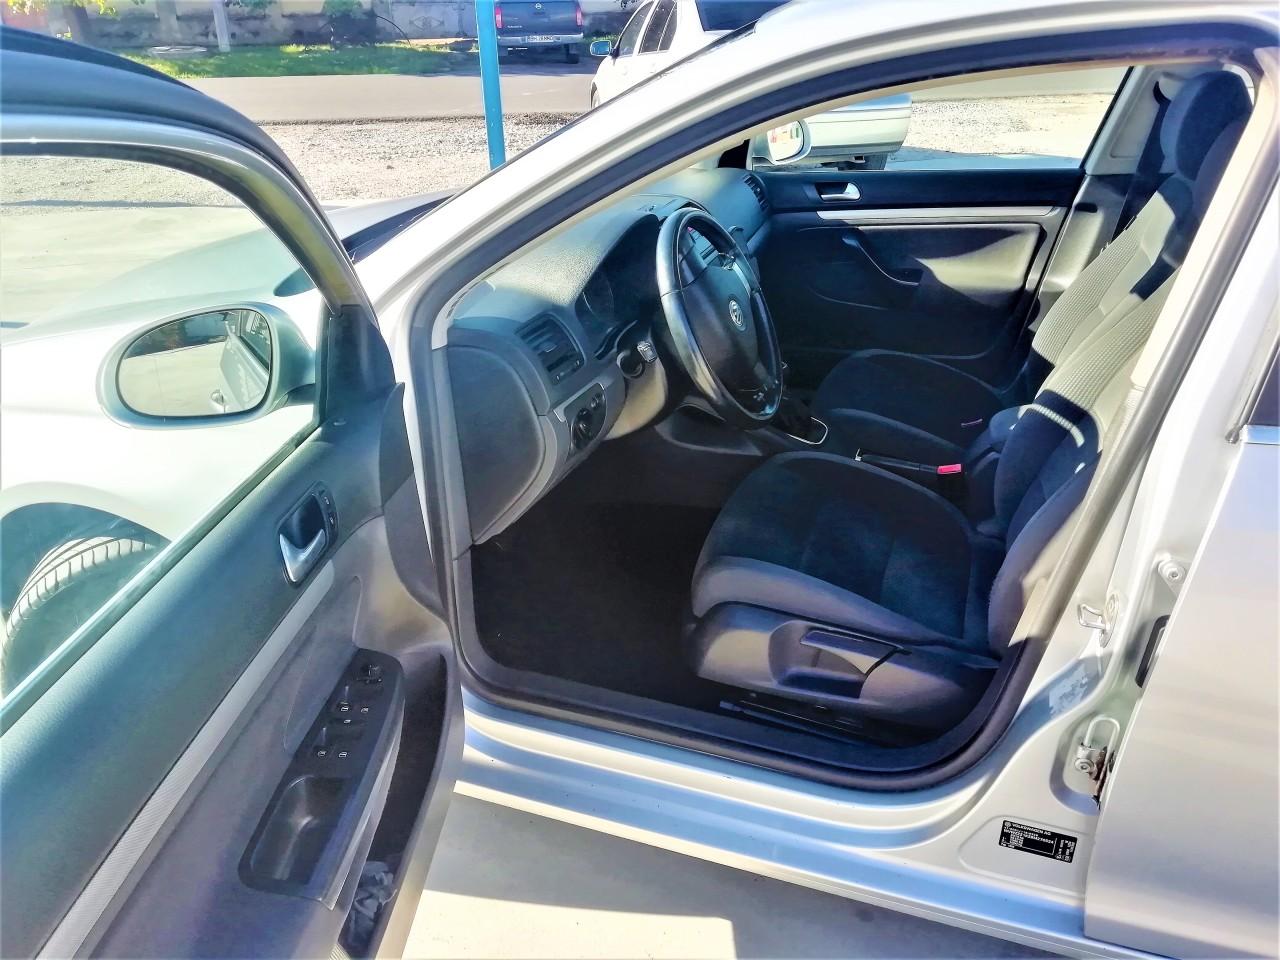 VW Golf 2.0 TDI 2008